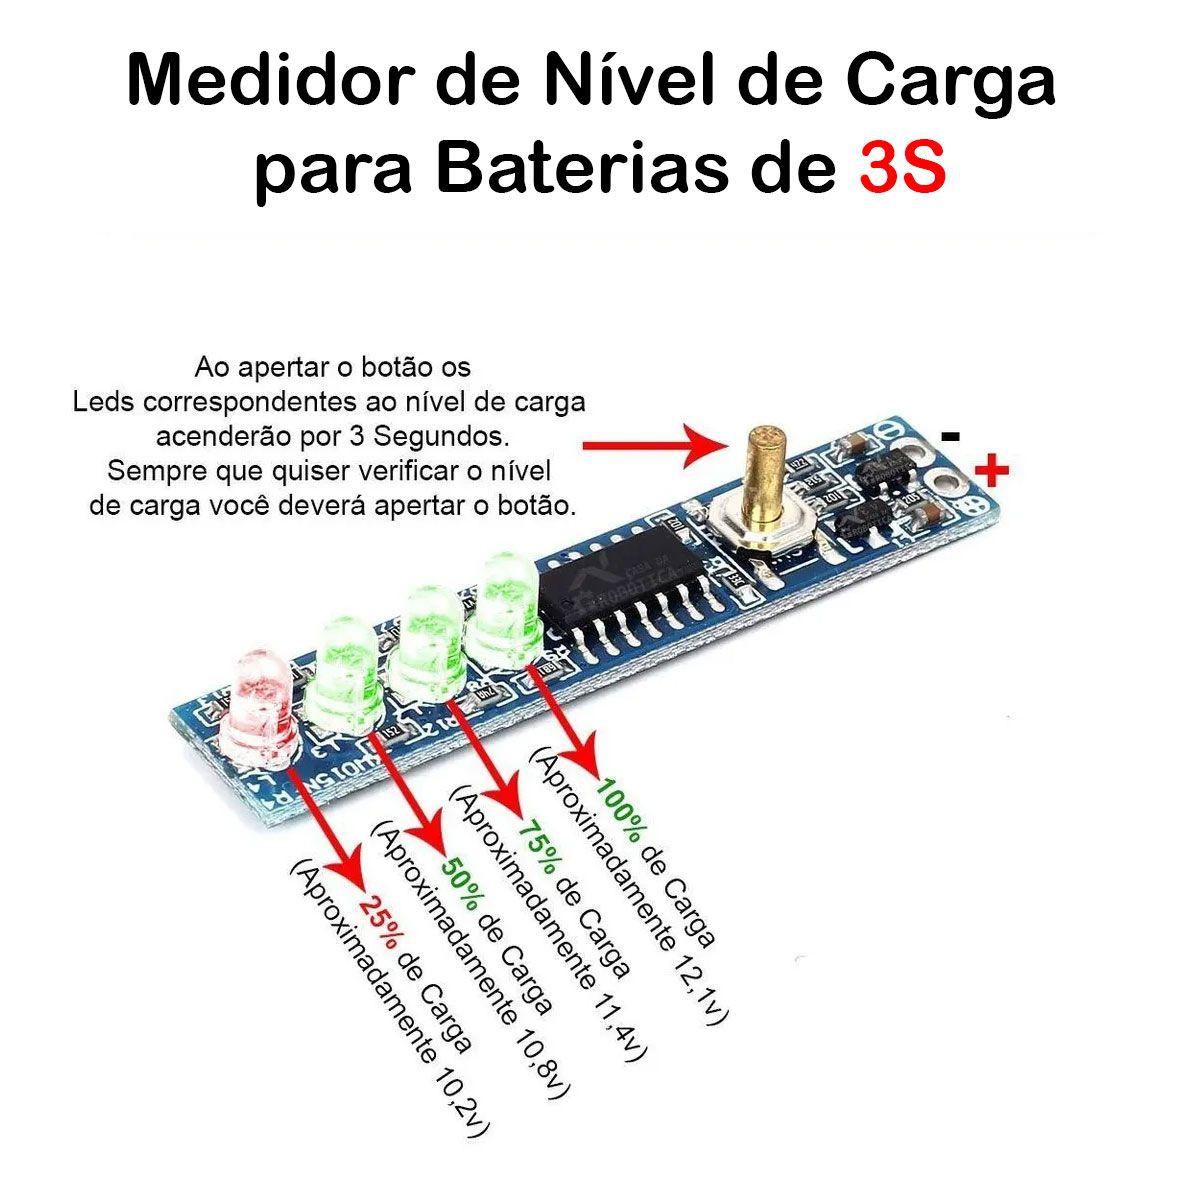 2x Voltímetro Indicador de Nível de Carga para Baterias 3S 12,6V